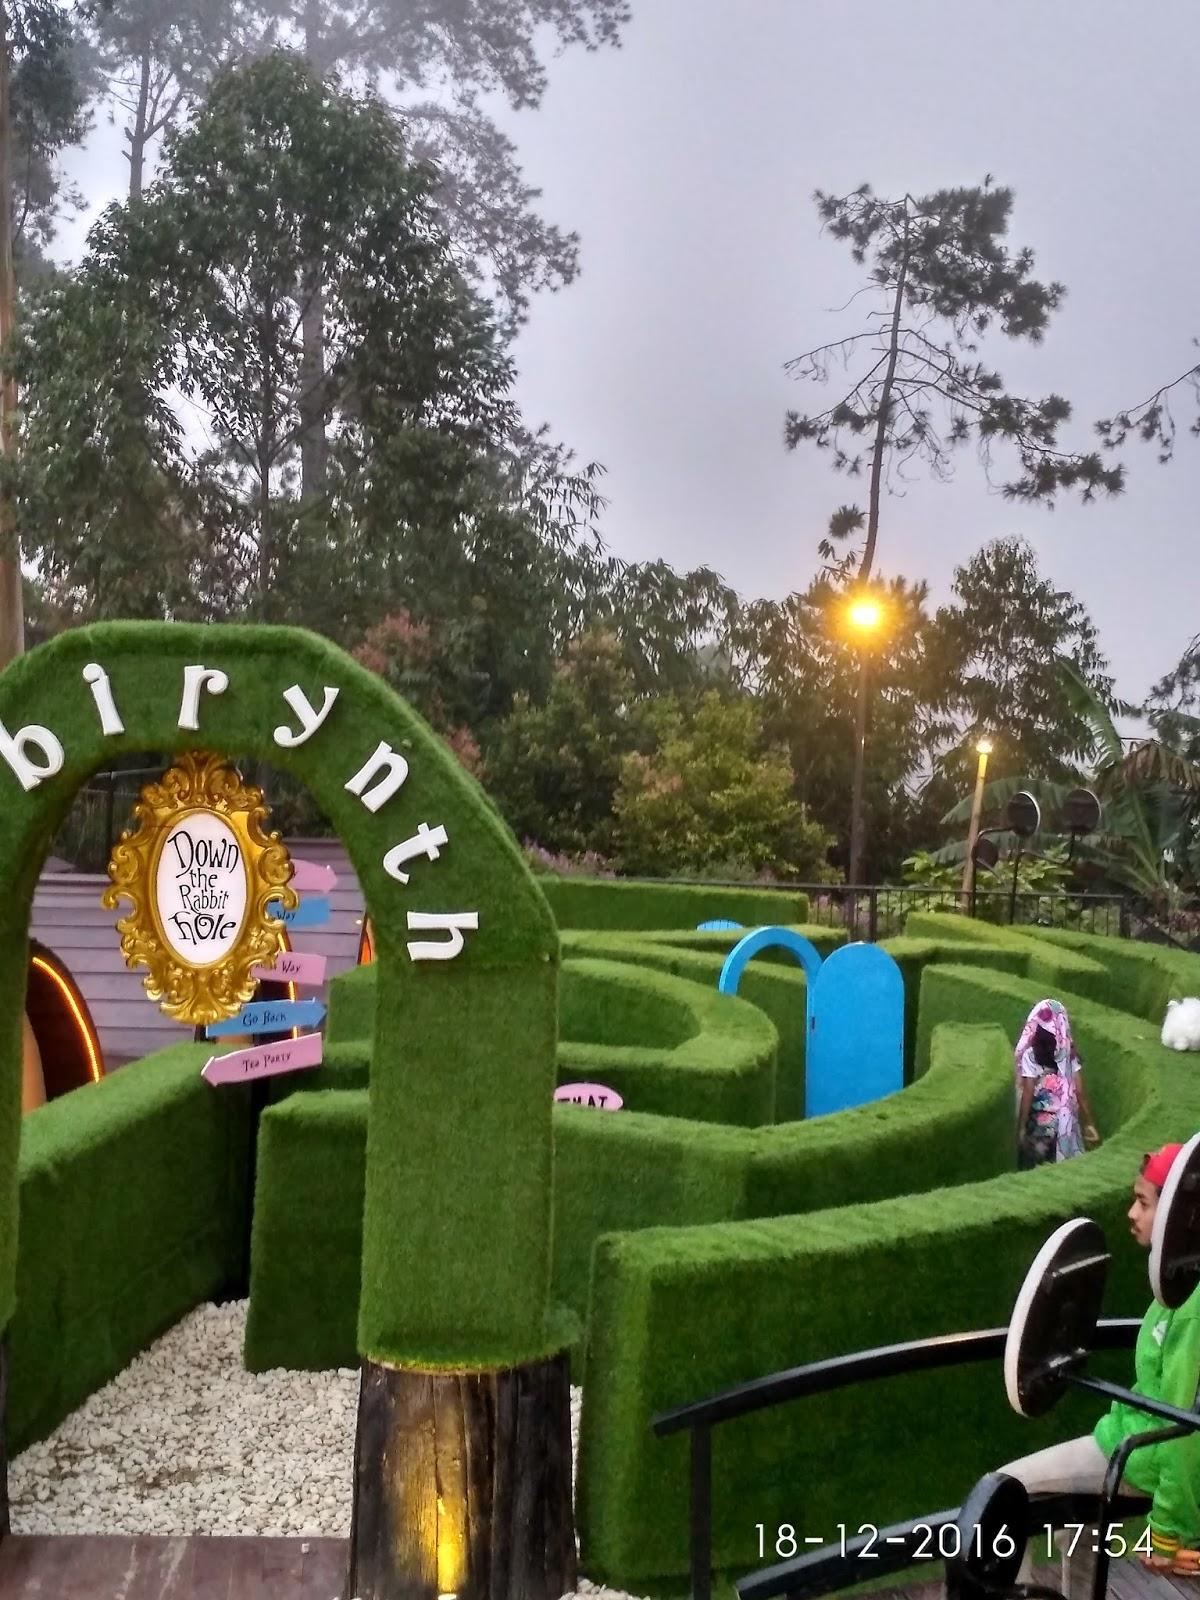 Jalan Jalan Ke Dusun Bambu Farm House Dan Dago Dream Park Curly Story